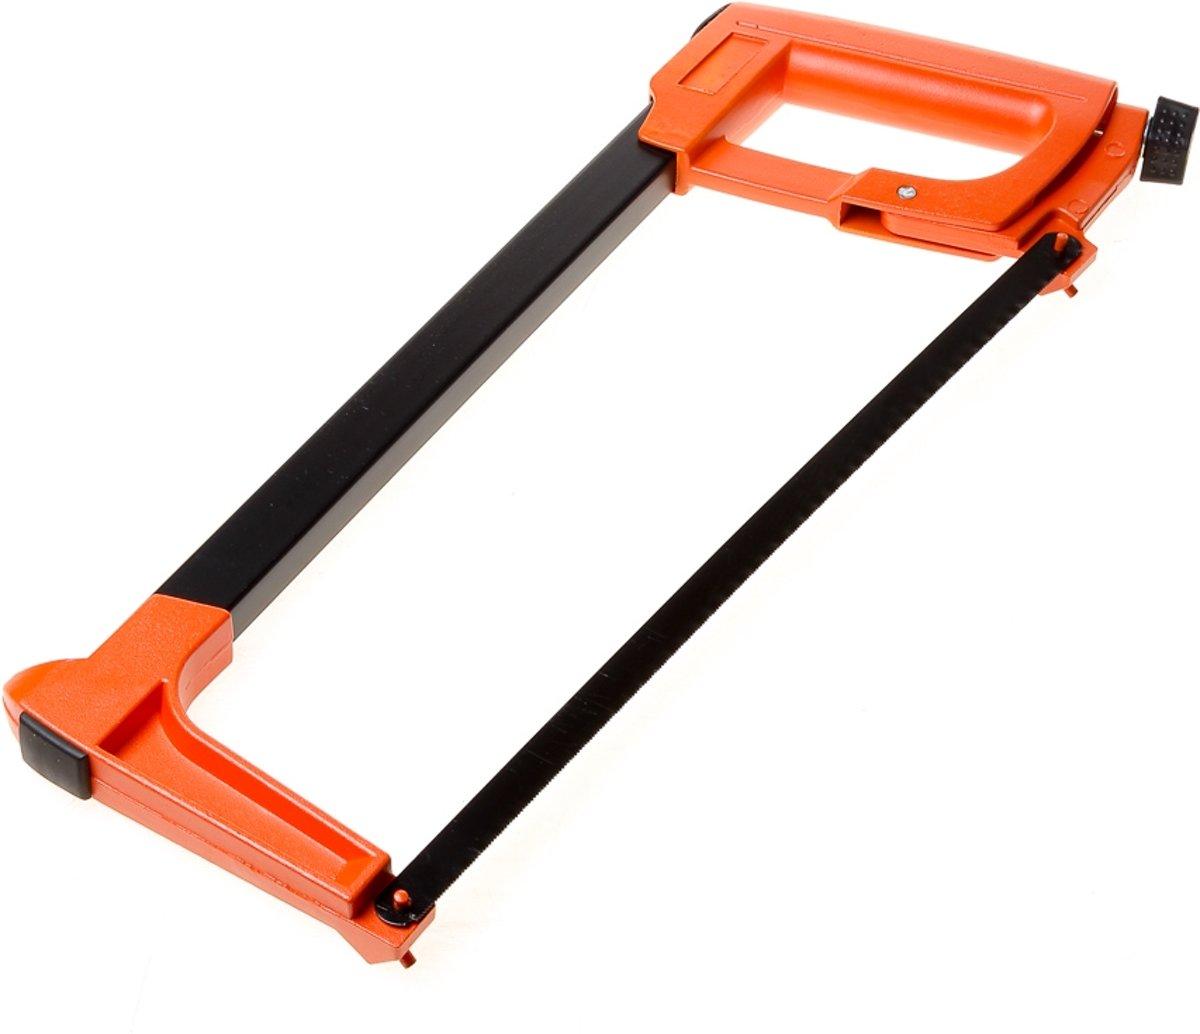 Fixman Metaalzaagbeugel vierkant oranje 300mm kopen